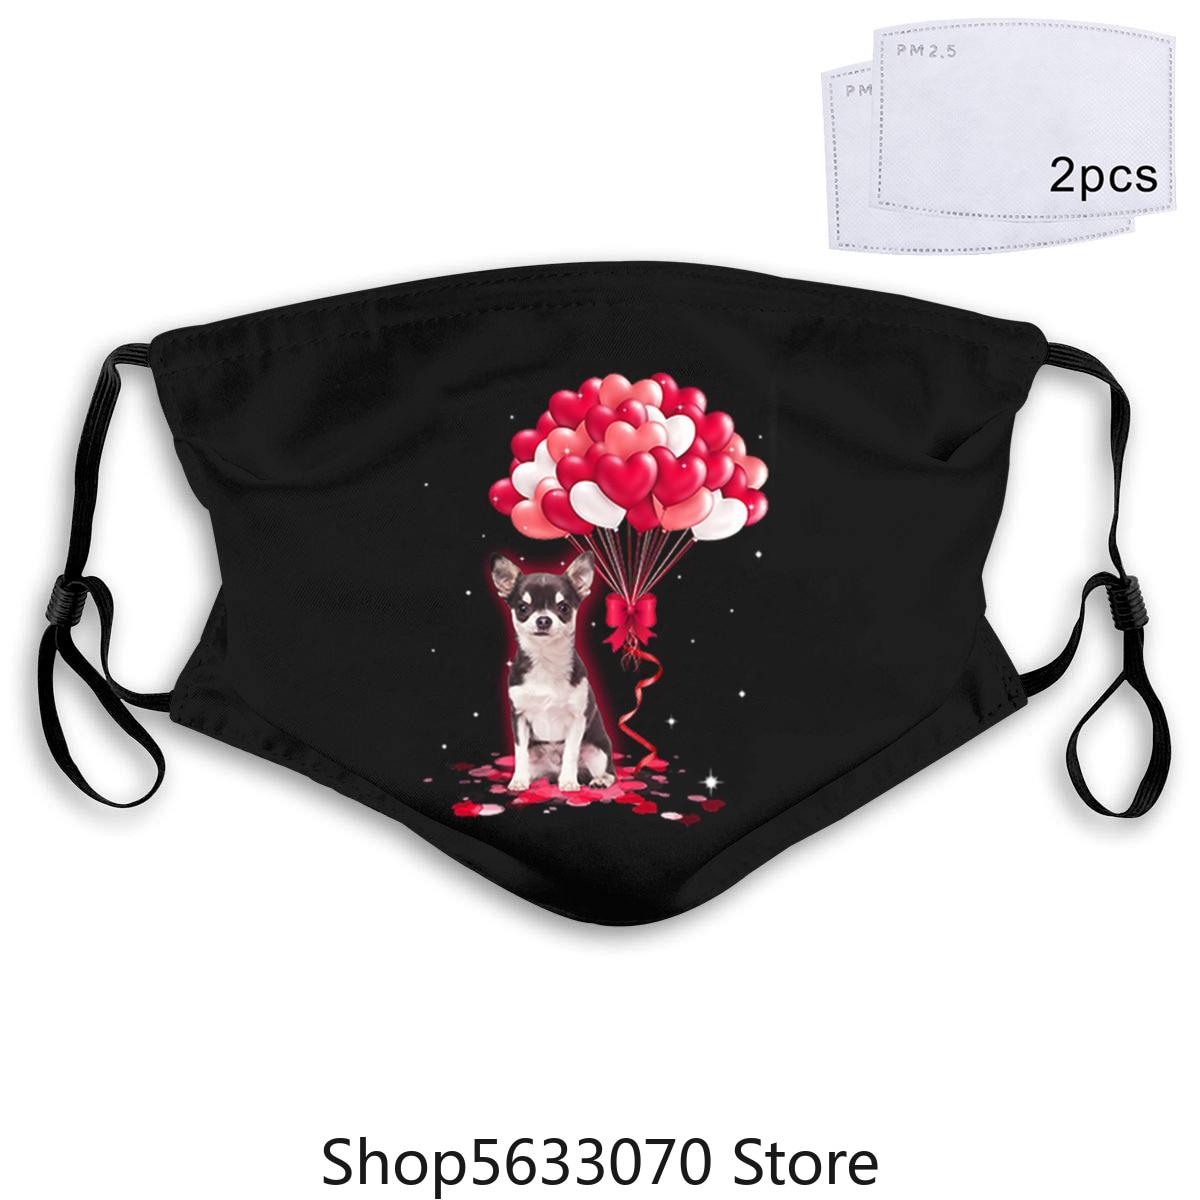 Máscara de corazón con globos de amor de perro Chihuahua 20 piezas PM2.5 de algodón unisex, mascarilla facial Anti-humo transpirable y lavable con mufla bucal para ciclismo